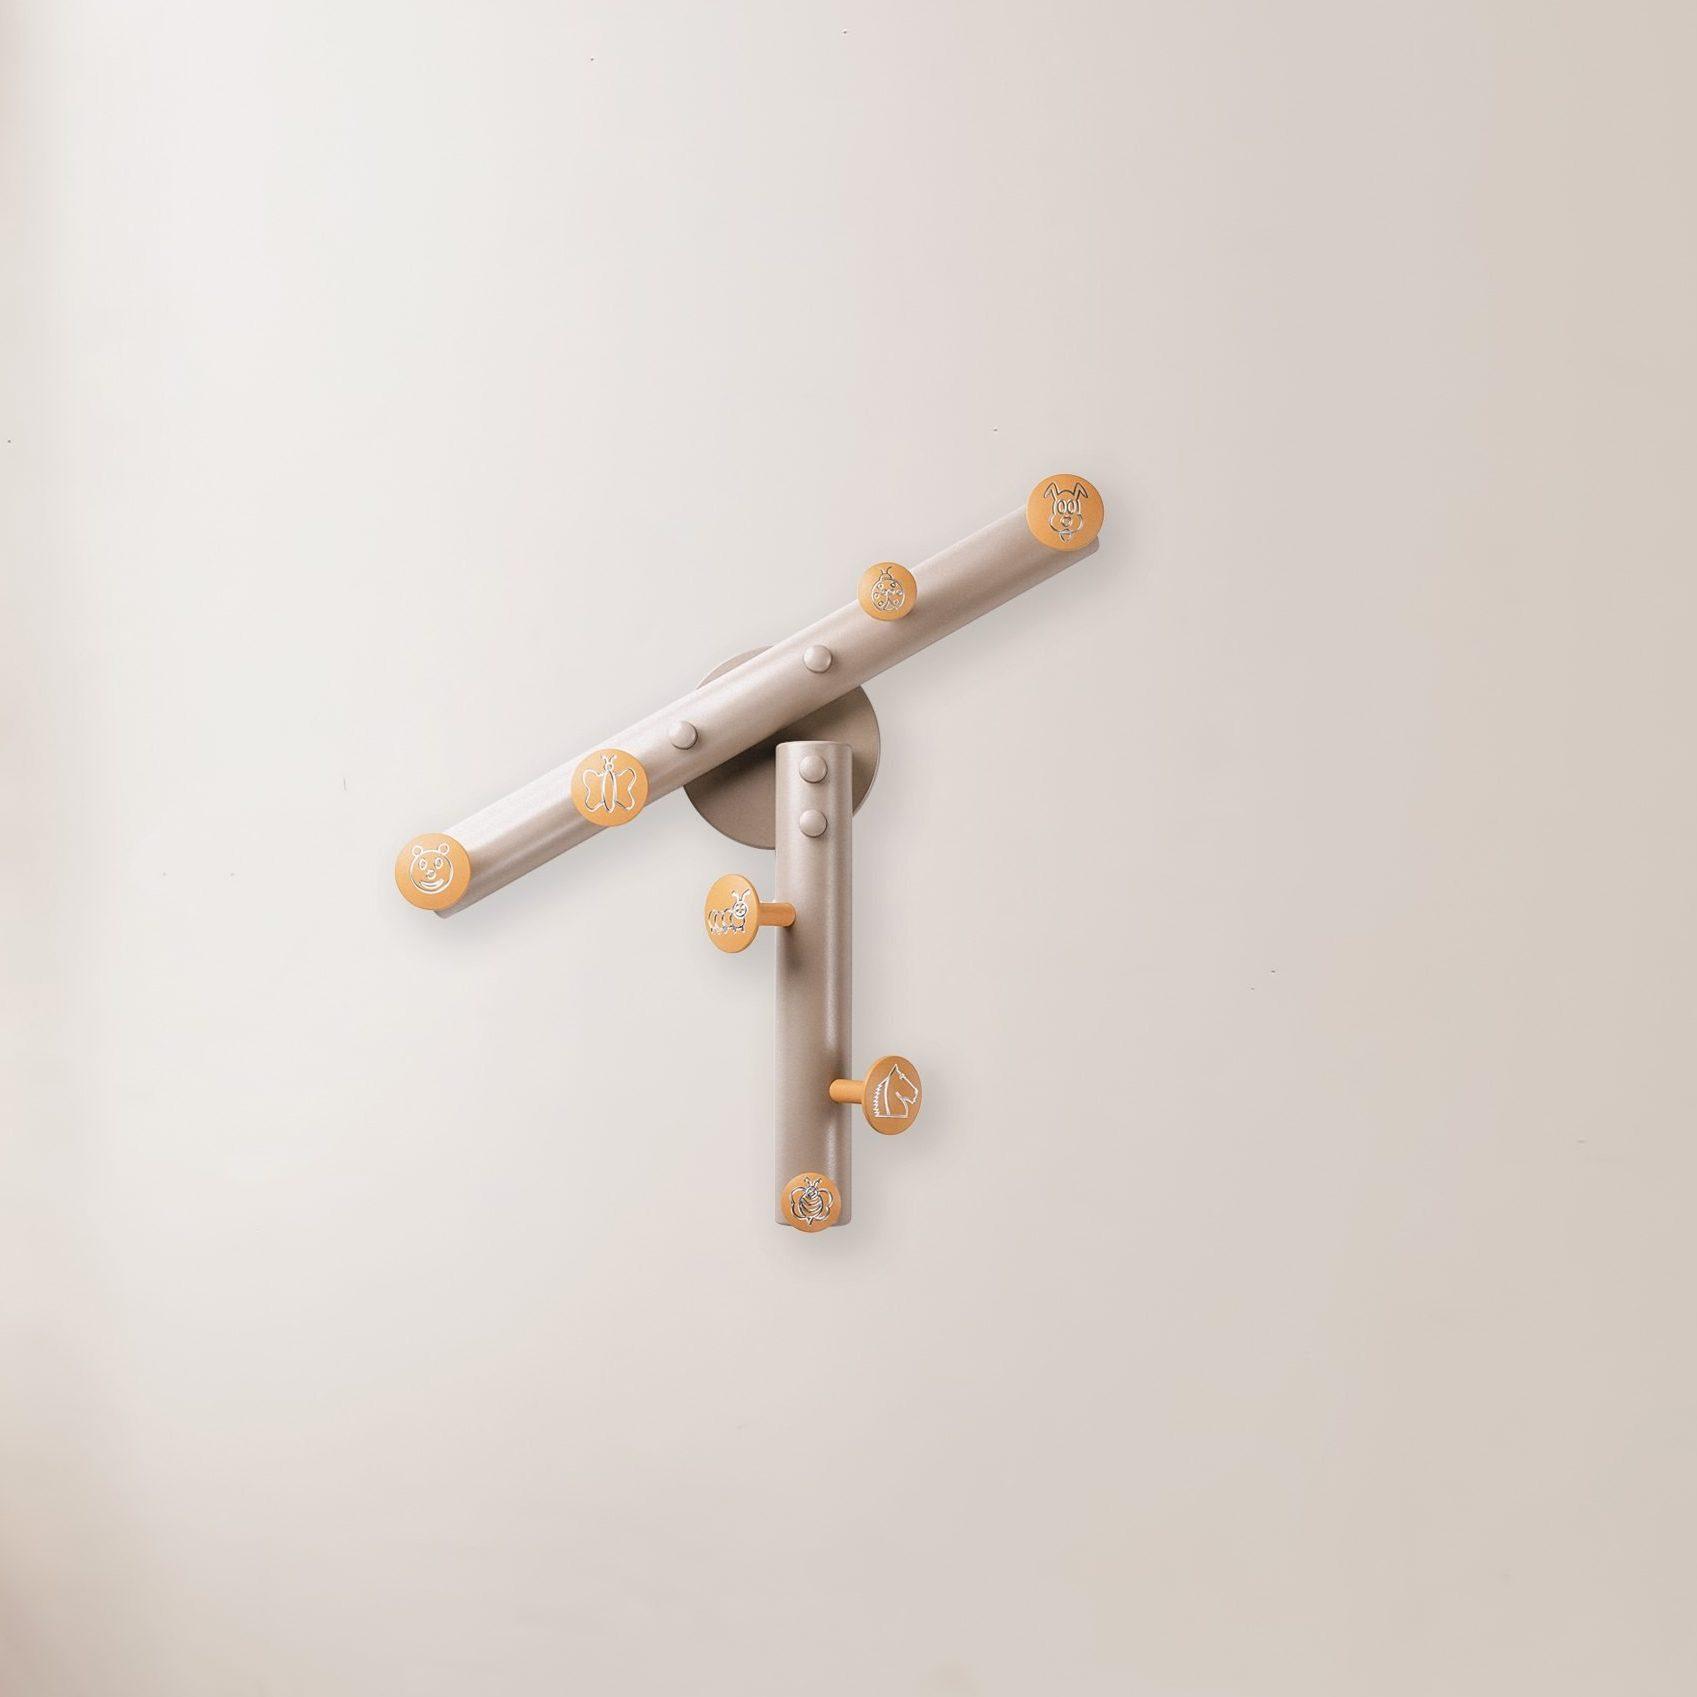 Ukuta - appendiabiti a muro in alluminio color sabbia e giallo